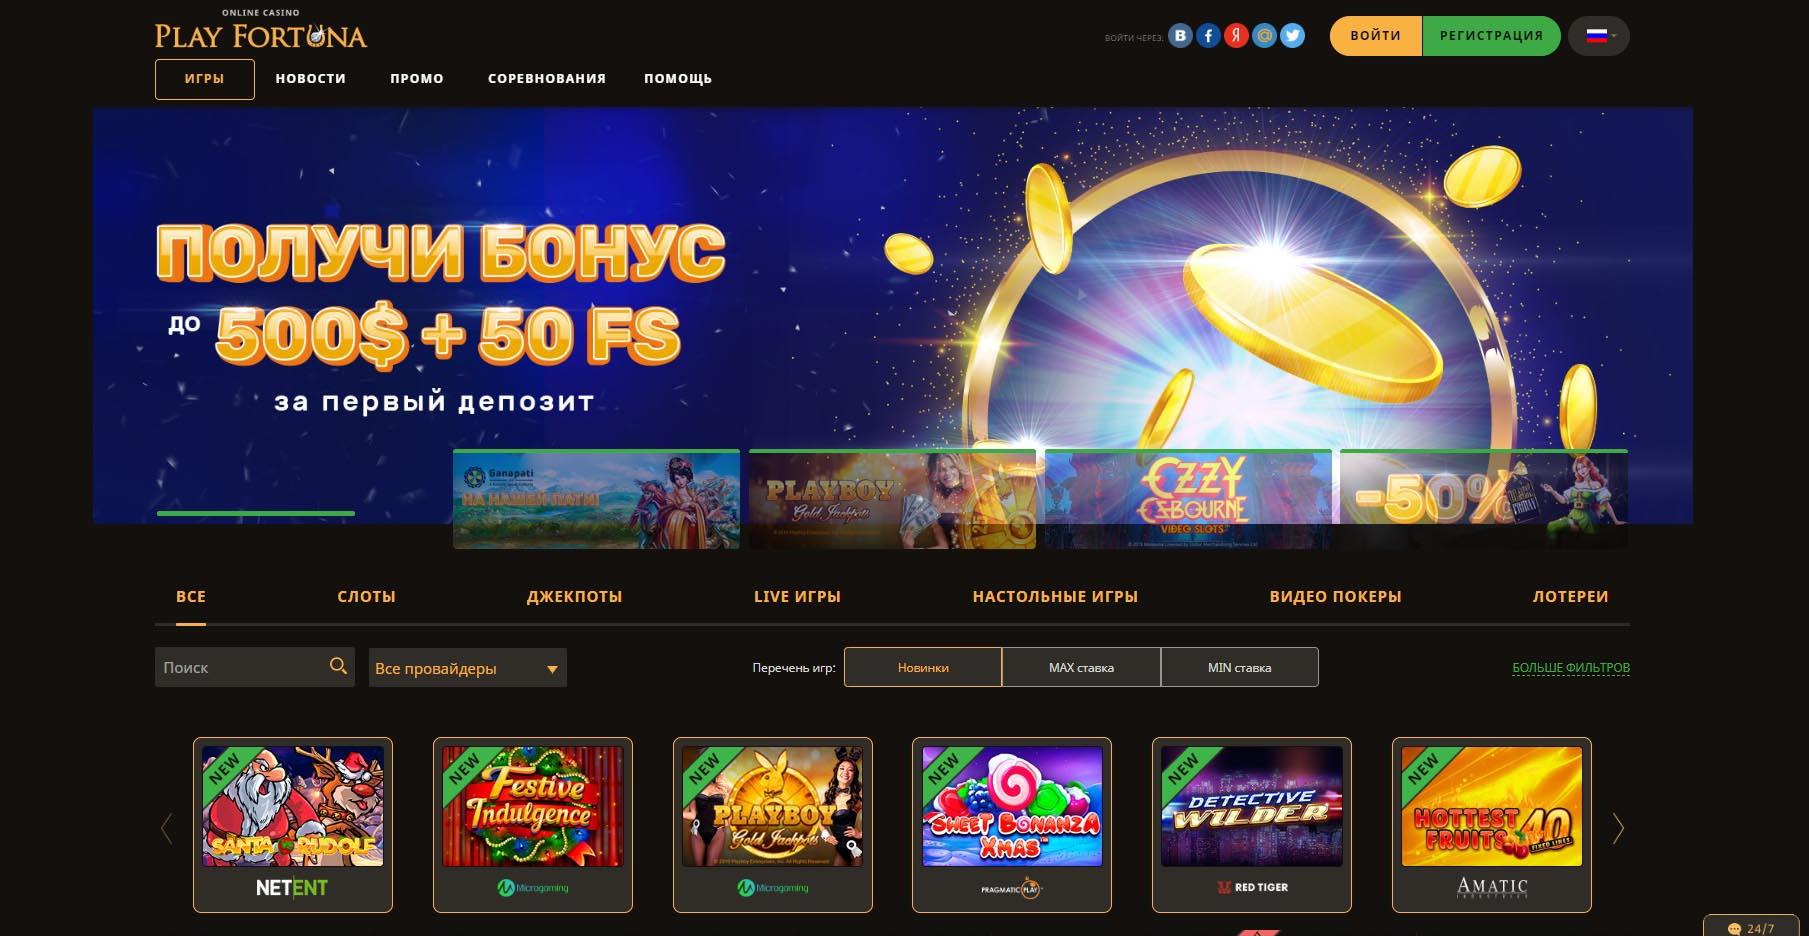 фортуна бесплатно плей демо играть казино